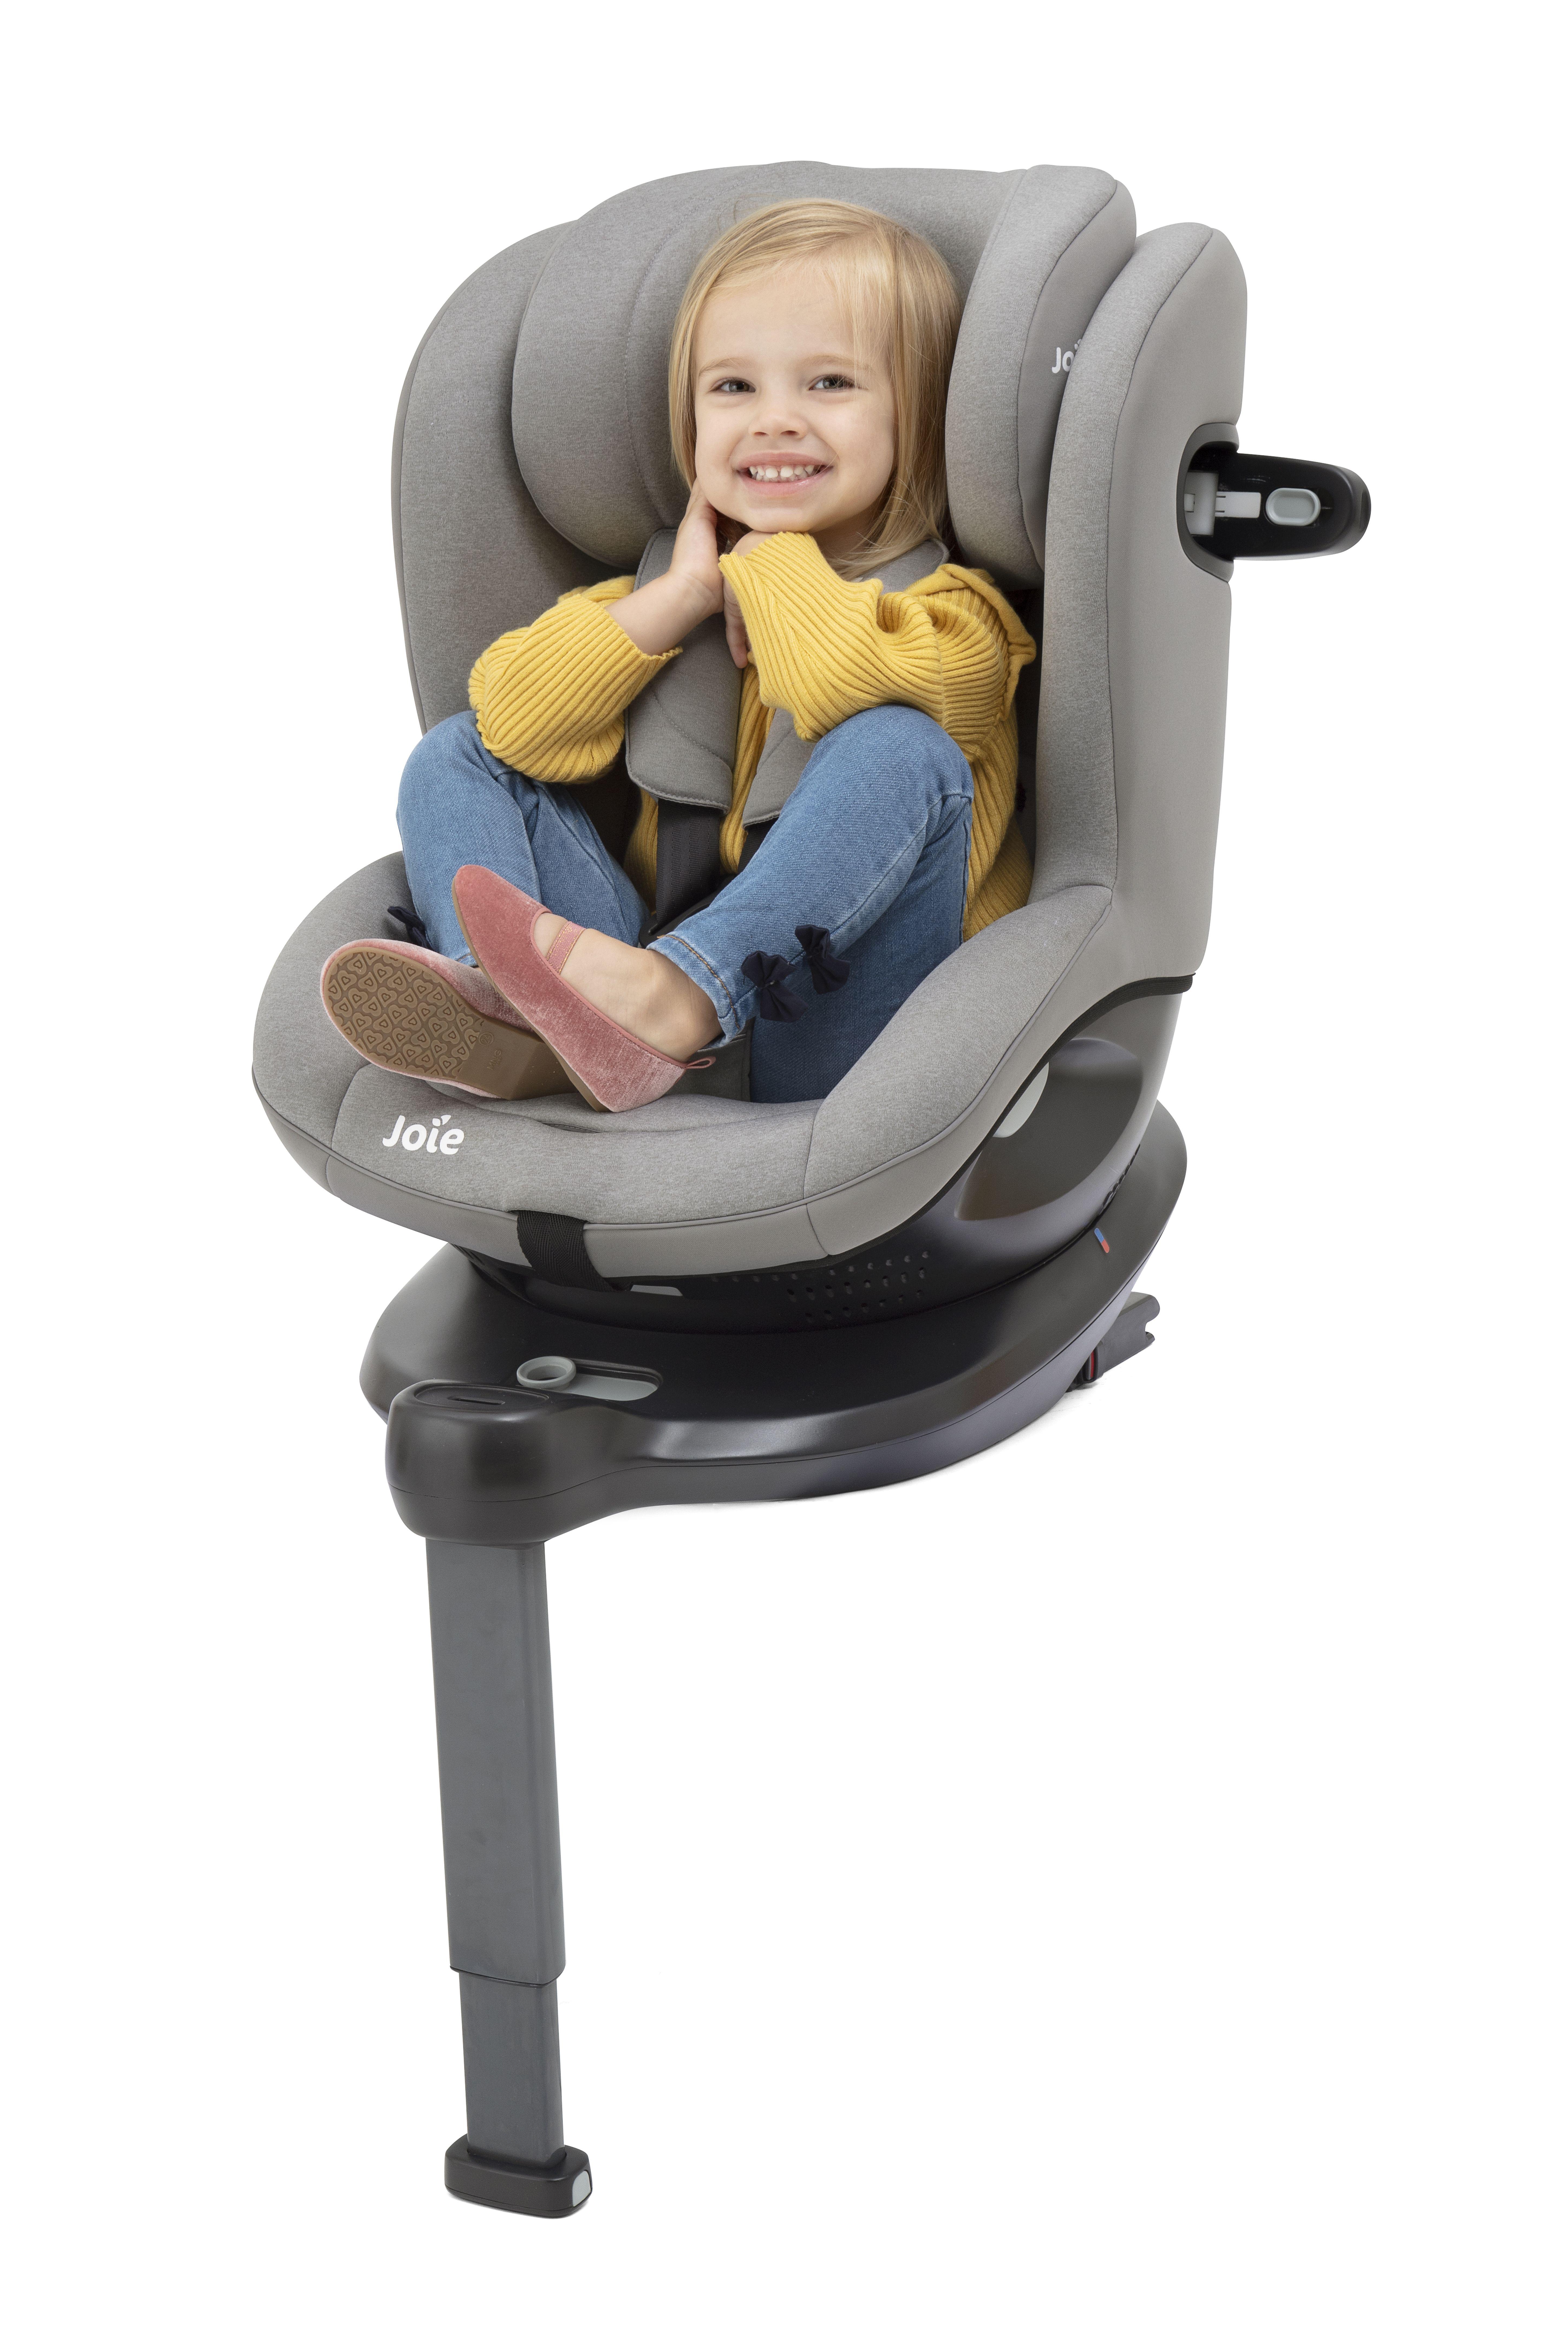 Kein Stress Beim Ein Und Aussteigen Mit Joie I Spin 360 Car Seats Travel Cot Soother